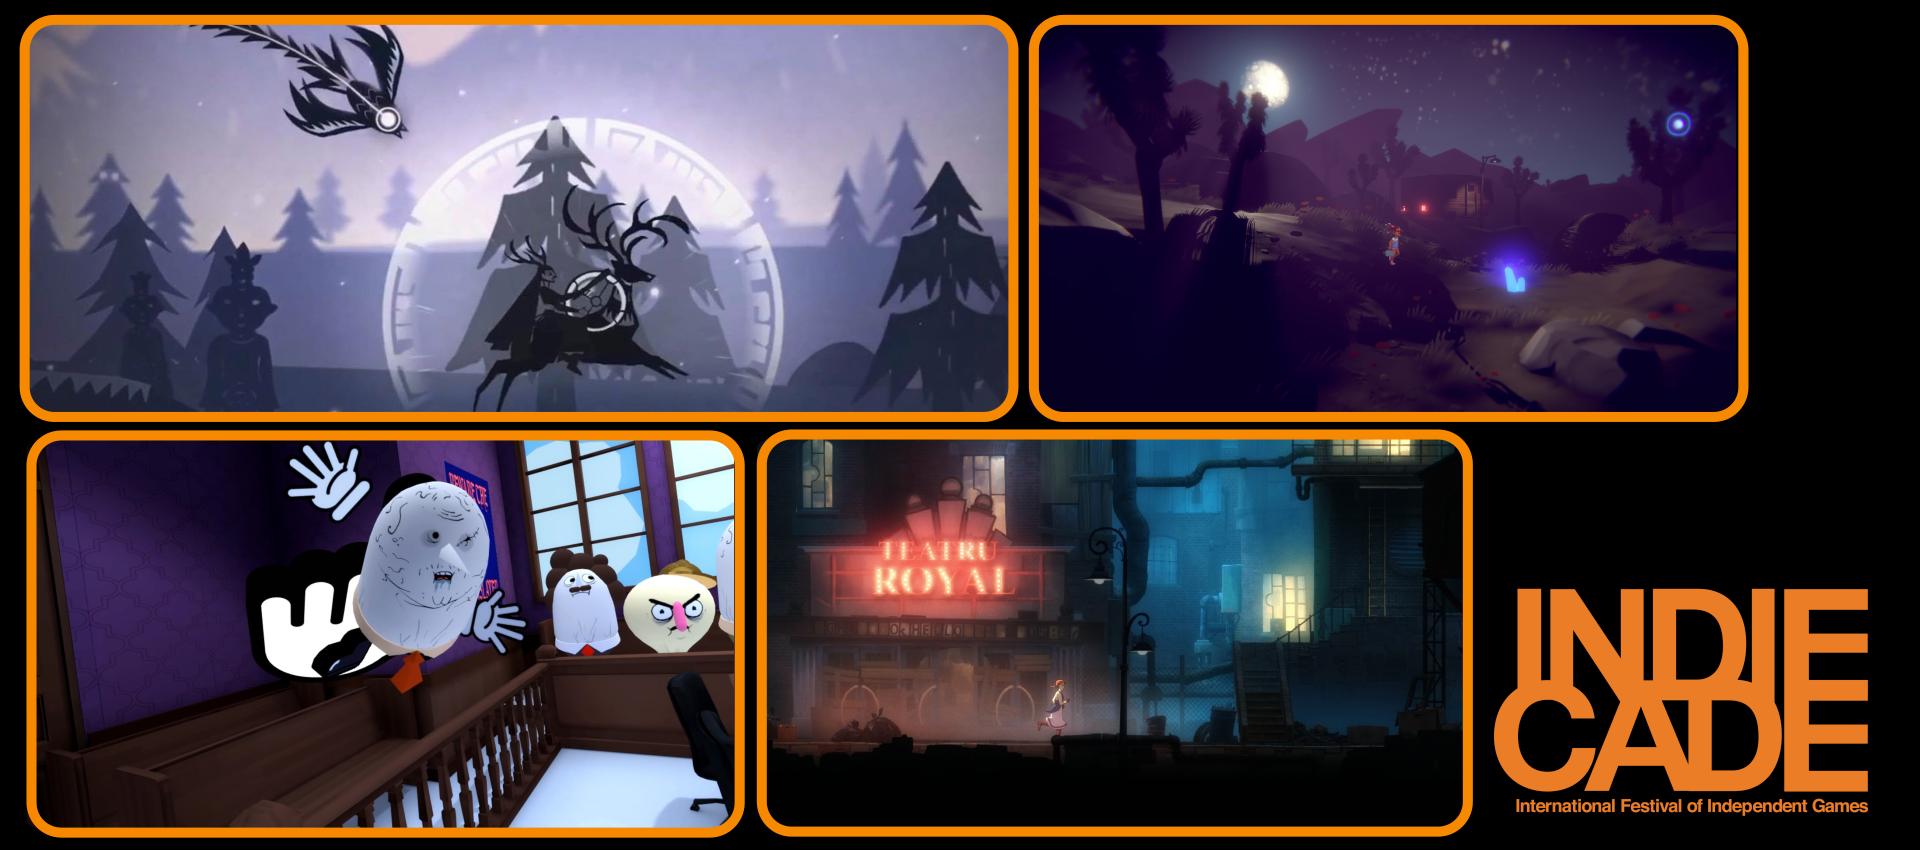 IndieCade 2018, Indie Games, Unpause Choice